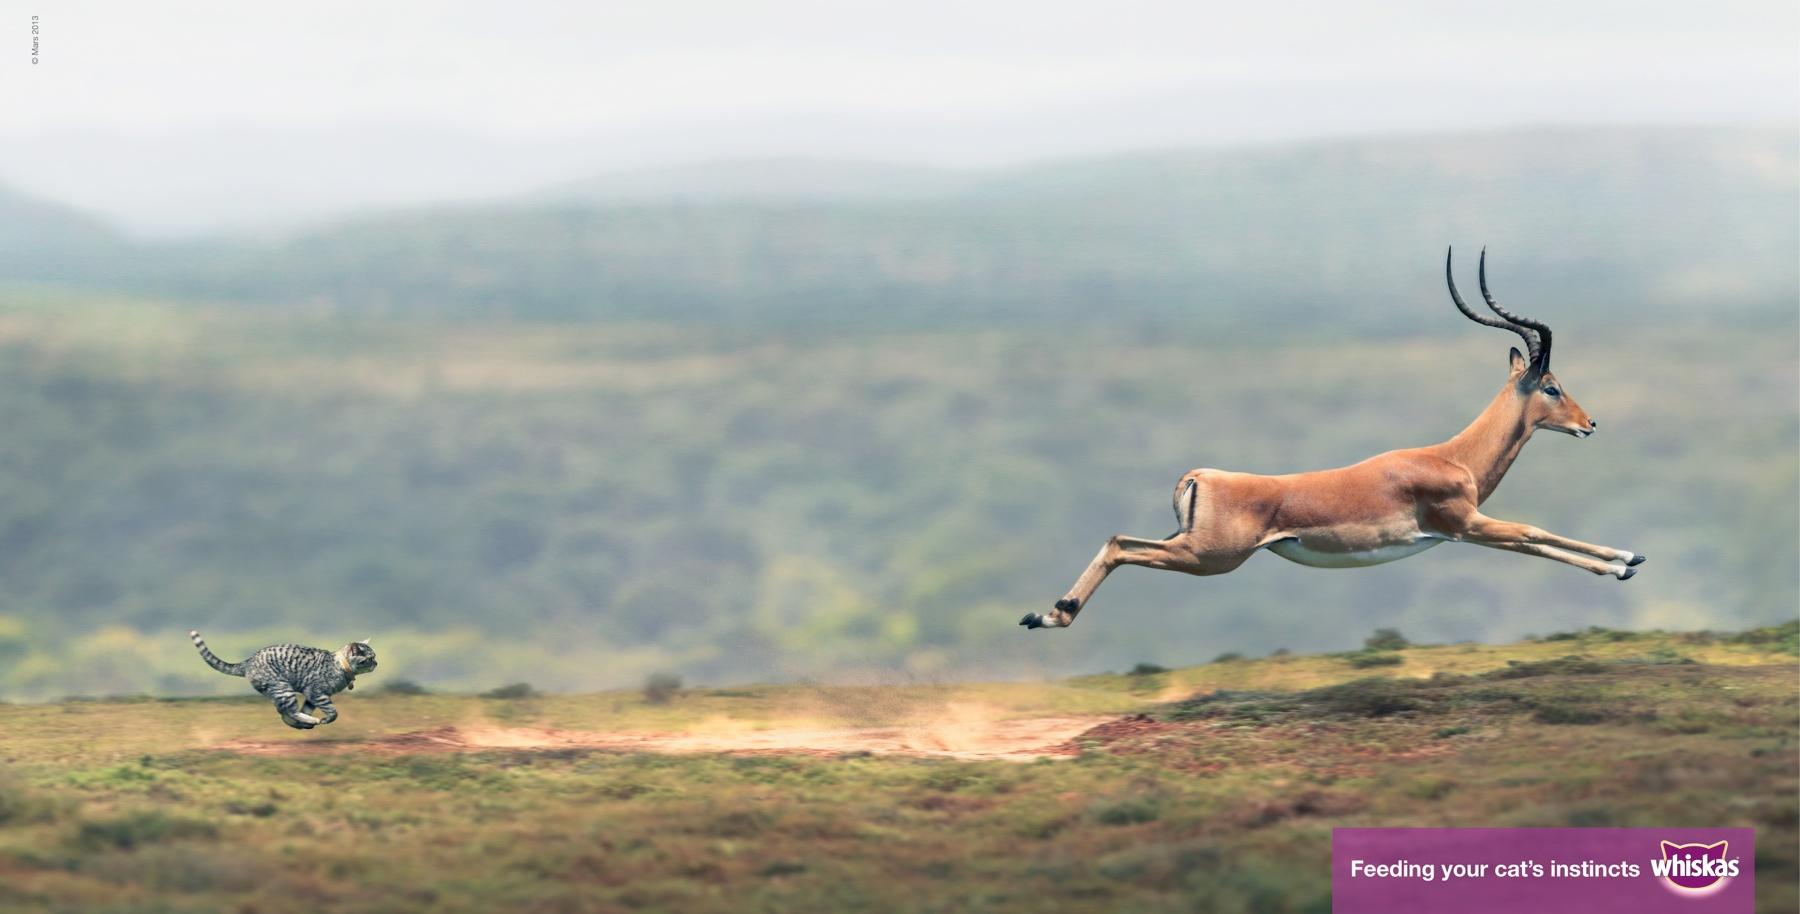 antelope_aotw